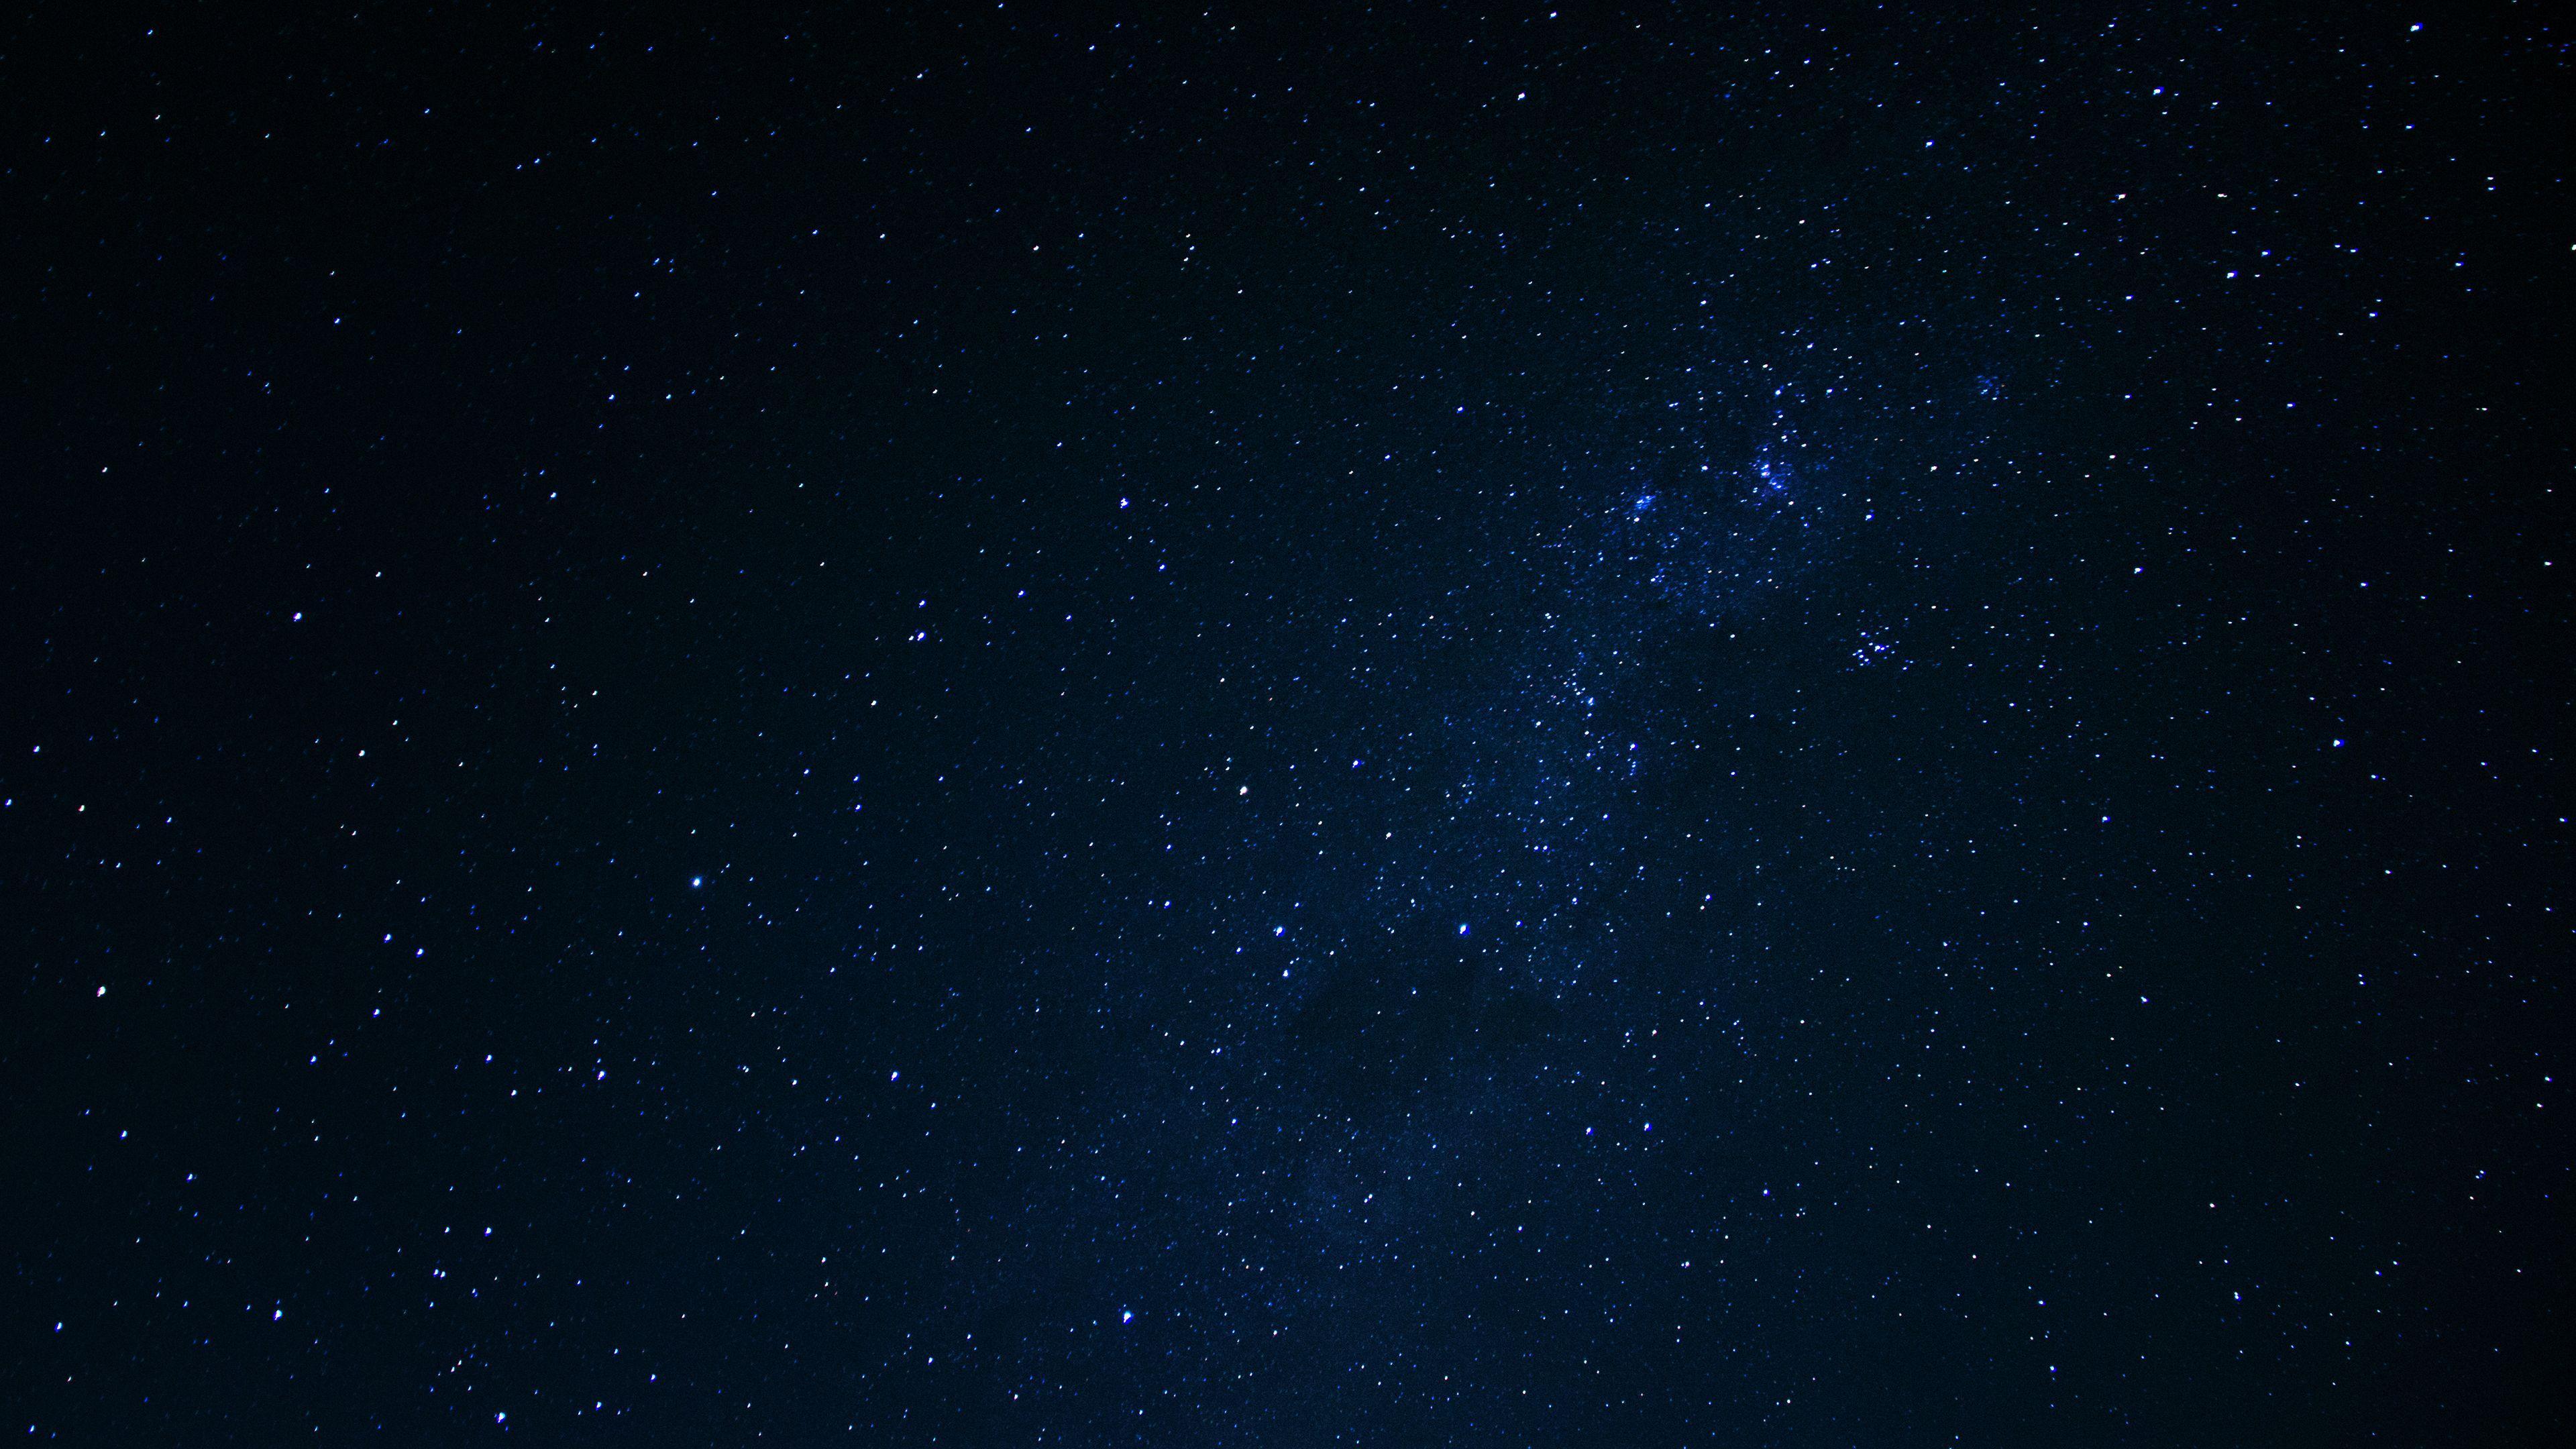 Universo Estrellas Wallpapers Hd Wallpaper Cave